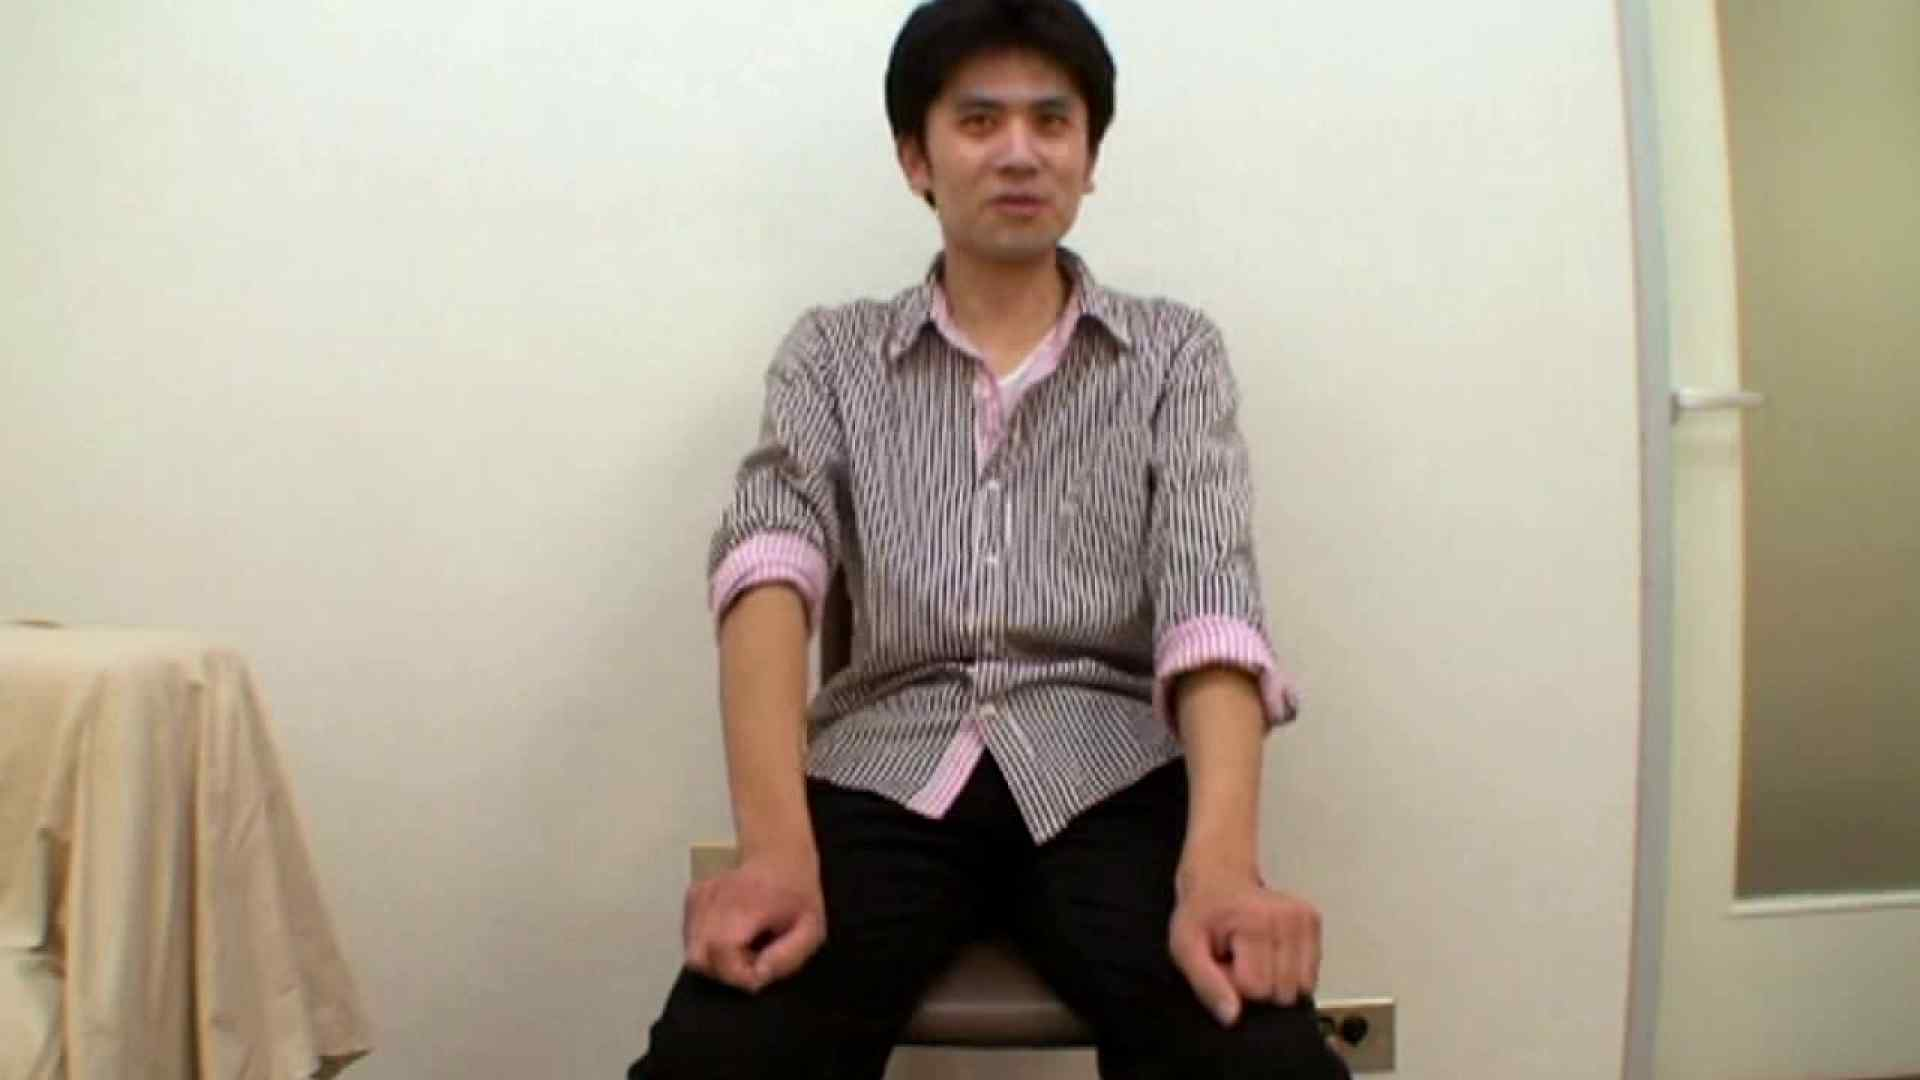 ノンケ!自慰スタジオ No.32 モザイク無し ゲイ無修正動画画像 92pic 32